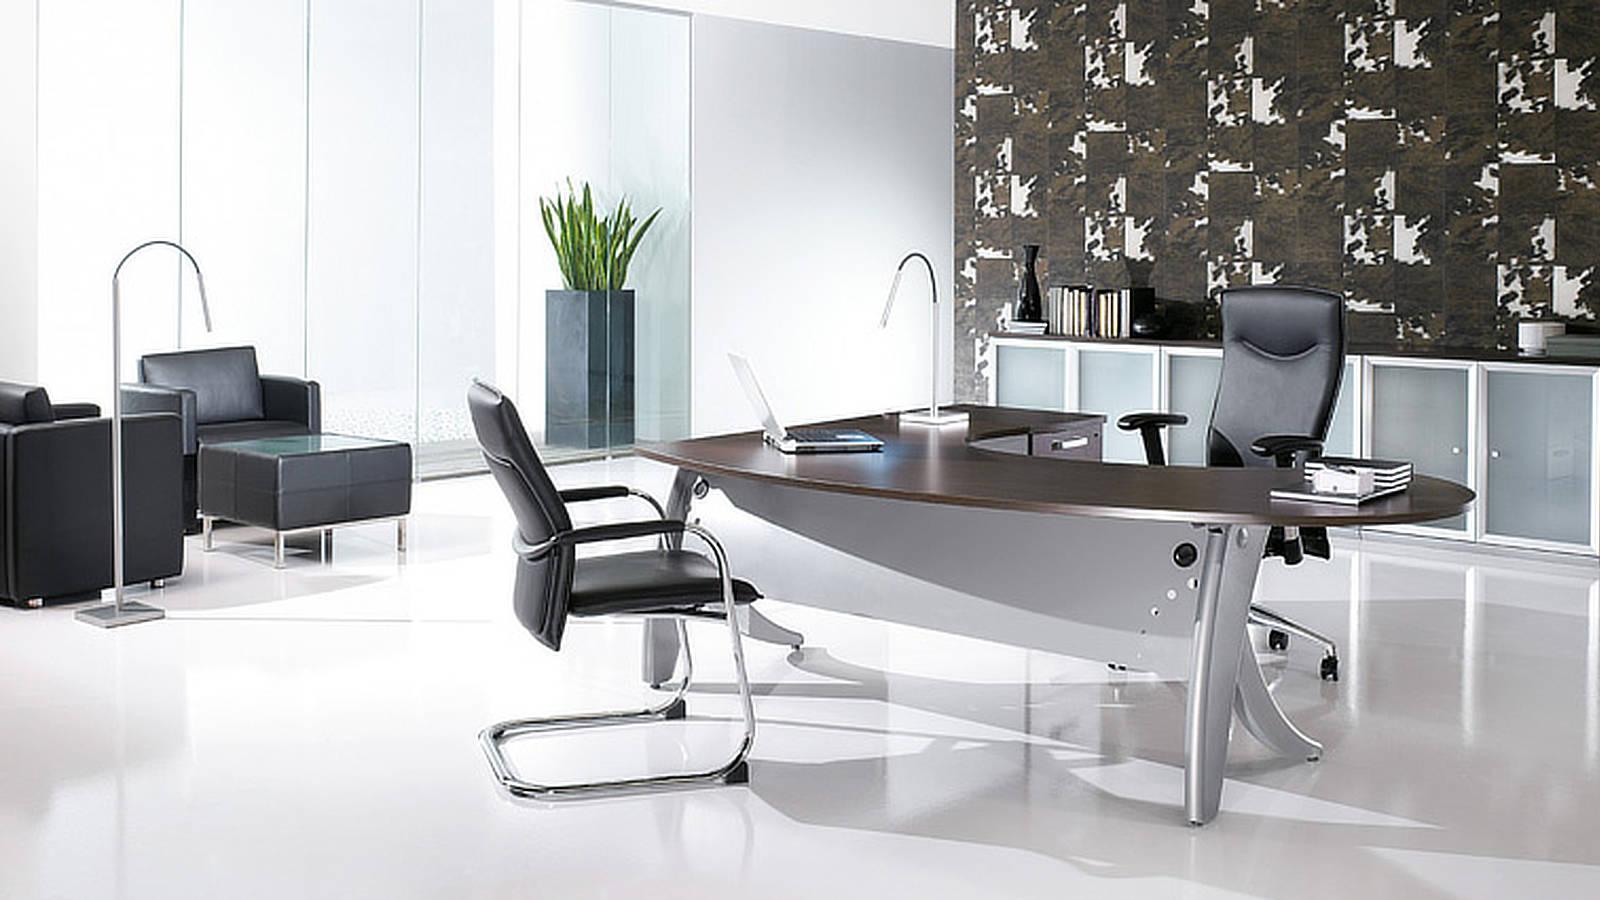 bureaux bureaux et objets. Black Bedroom Furniture Sets. Home Design Ideas